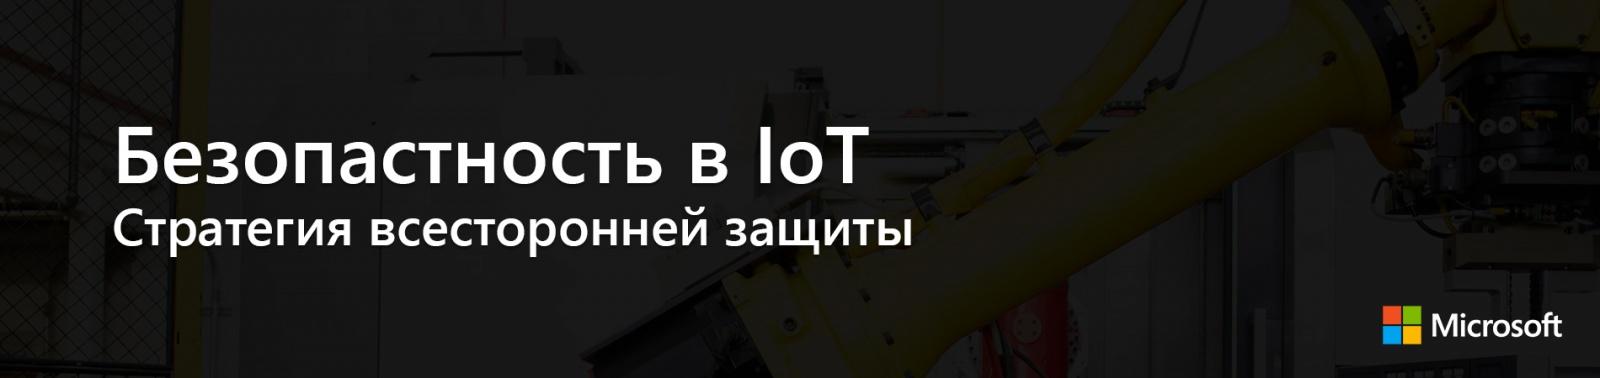 Безопасность в IoT: Стратегия всесторонней защиты - 1